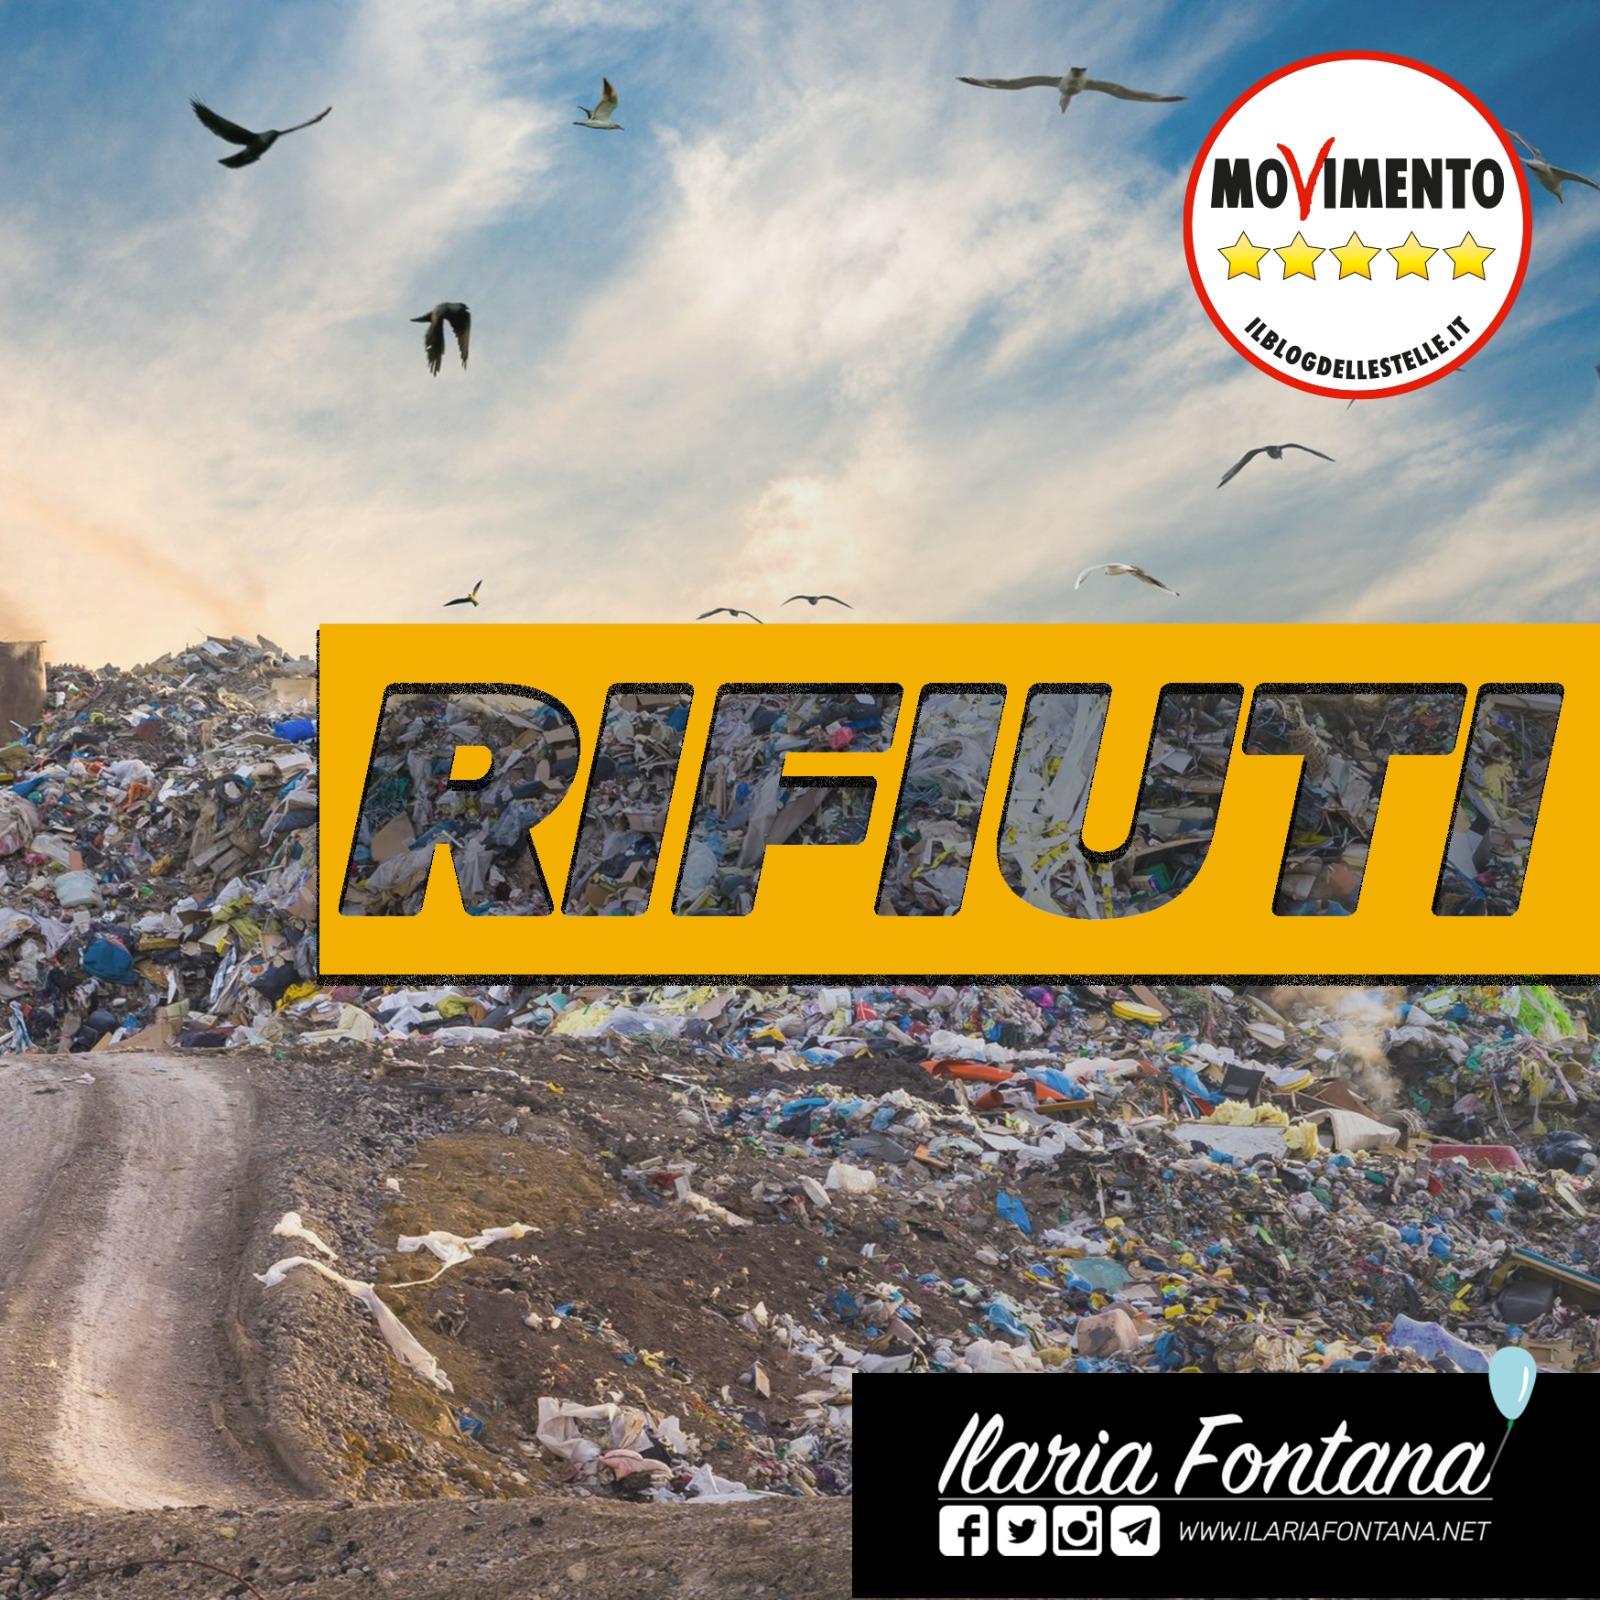 TRAFFICO DI RIFIUTI:CHI LUCRA SU AMBIENTE UCCIDE FUTURO